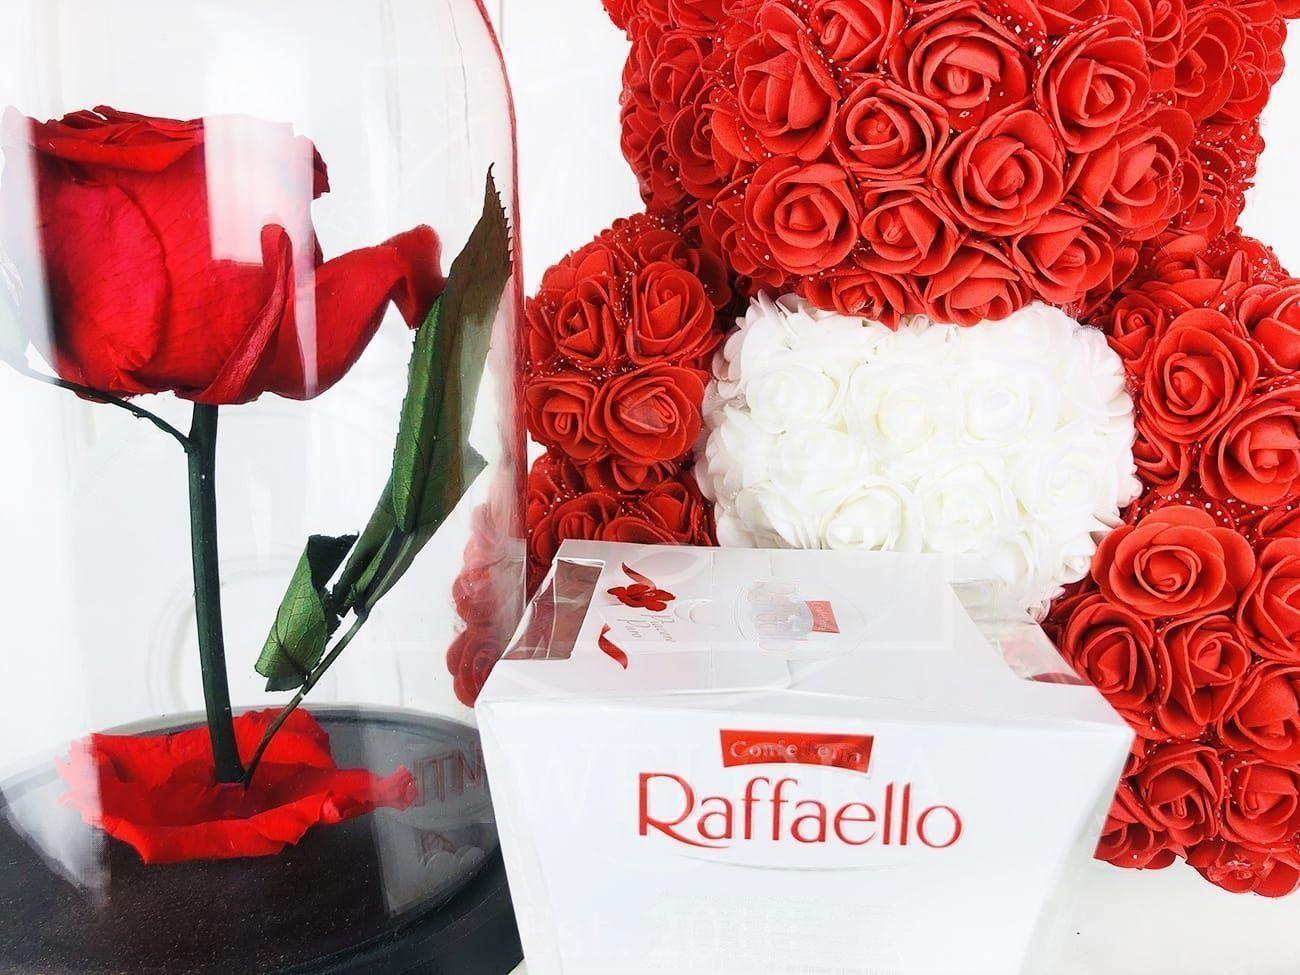 Набор raffaello + мишка из фоамирана с сердцем + роза в колбе (цвет на выбор)